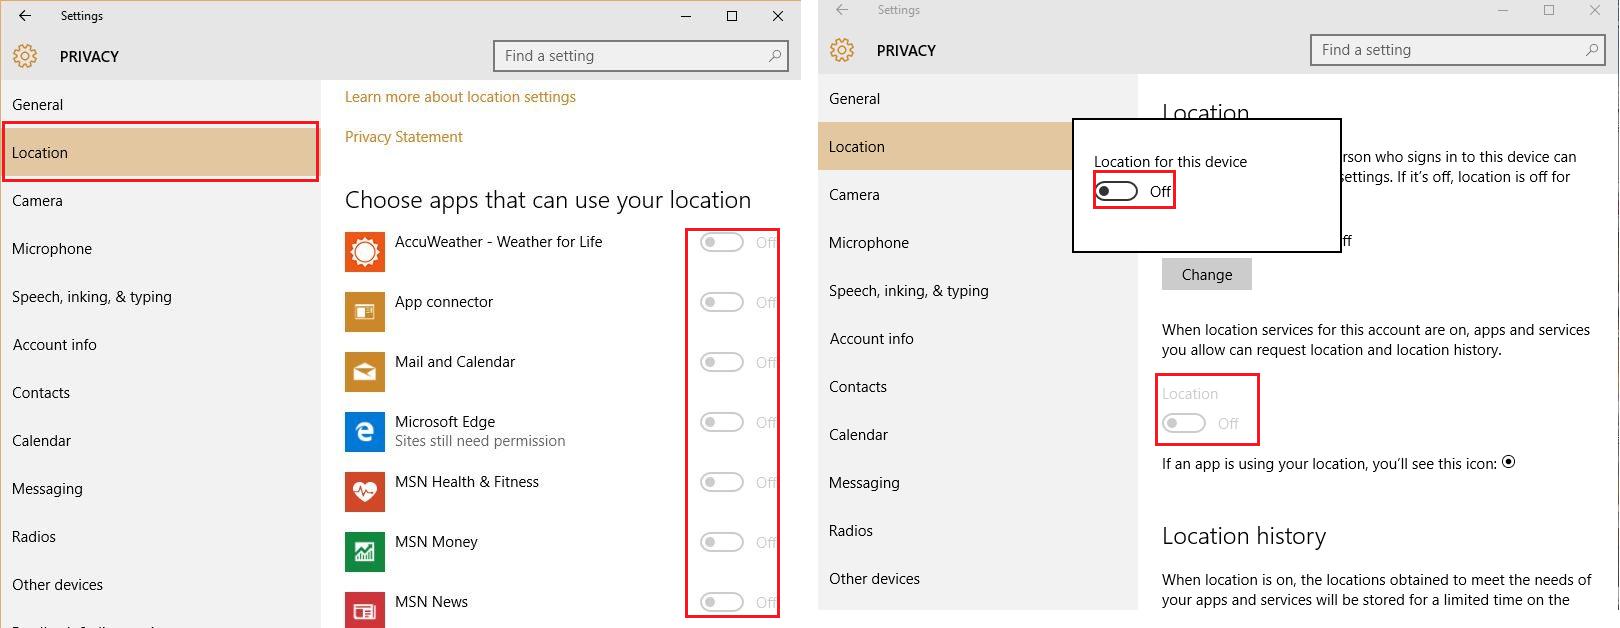 Рис. №5. «Location» со списком приложений и кнопкой отключения функции для всей ОС